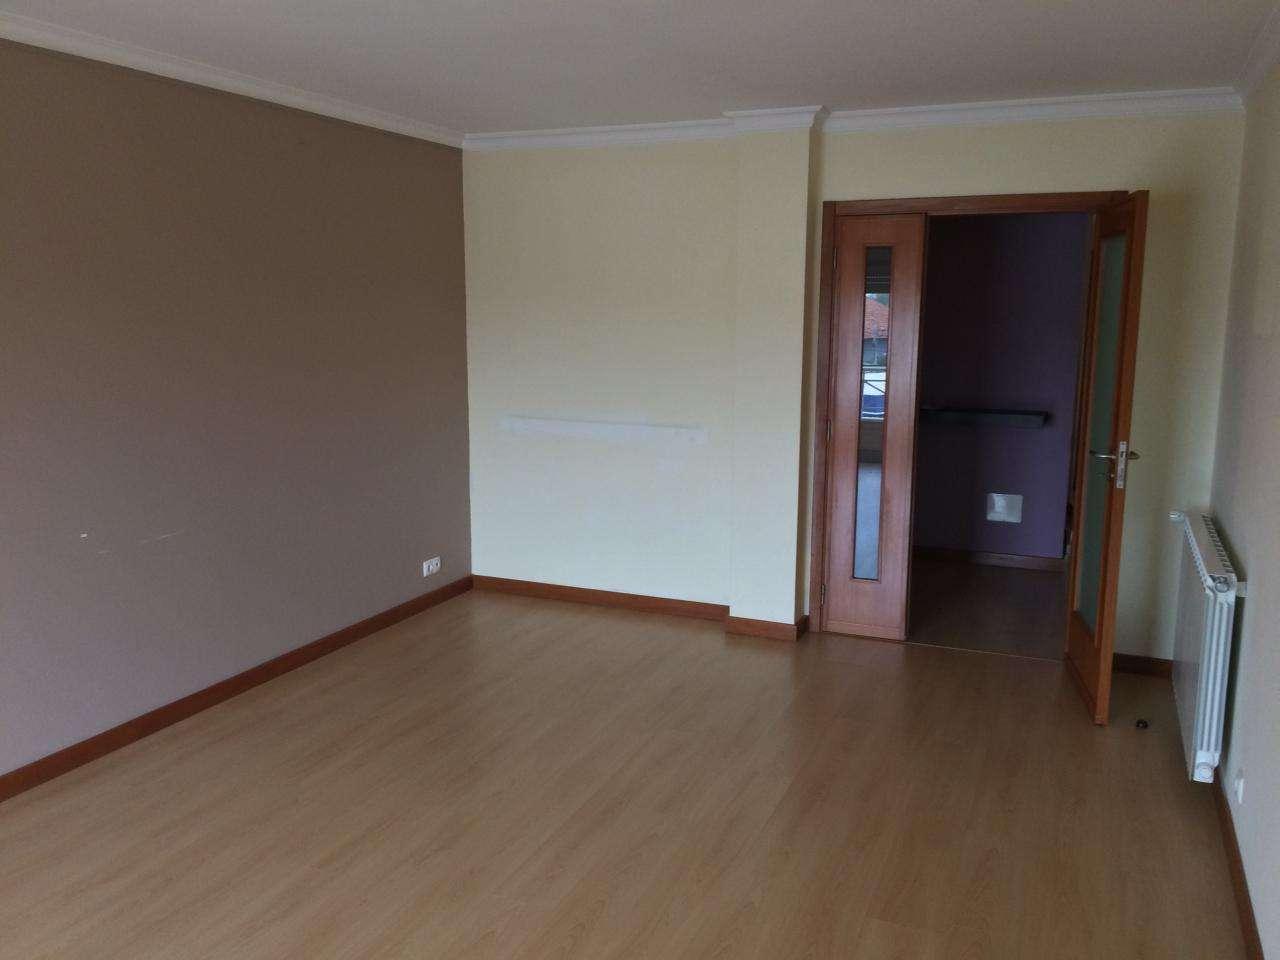 Apartamento para comprar, Palhaça, Oliveira do Bairro, Aveiro - Foto 3